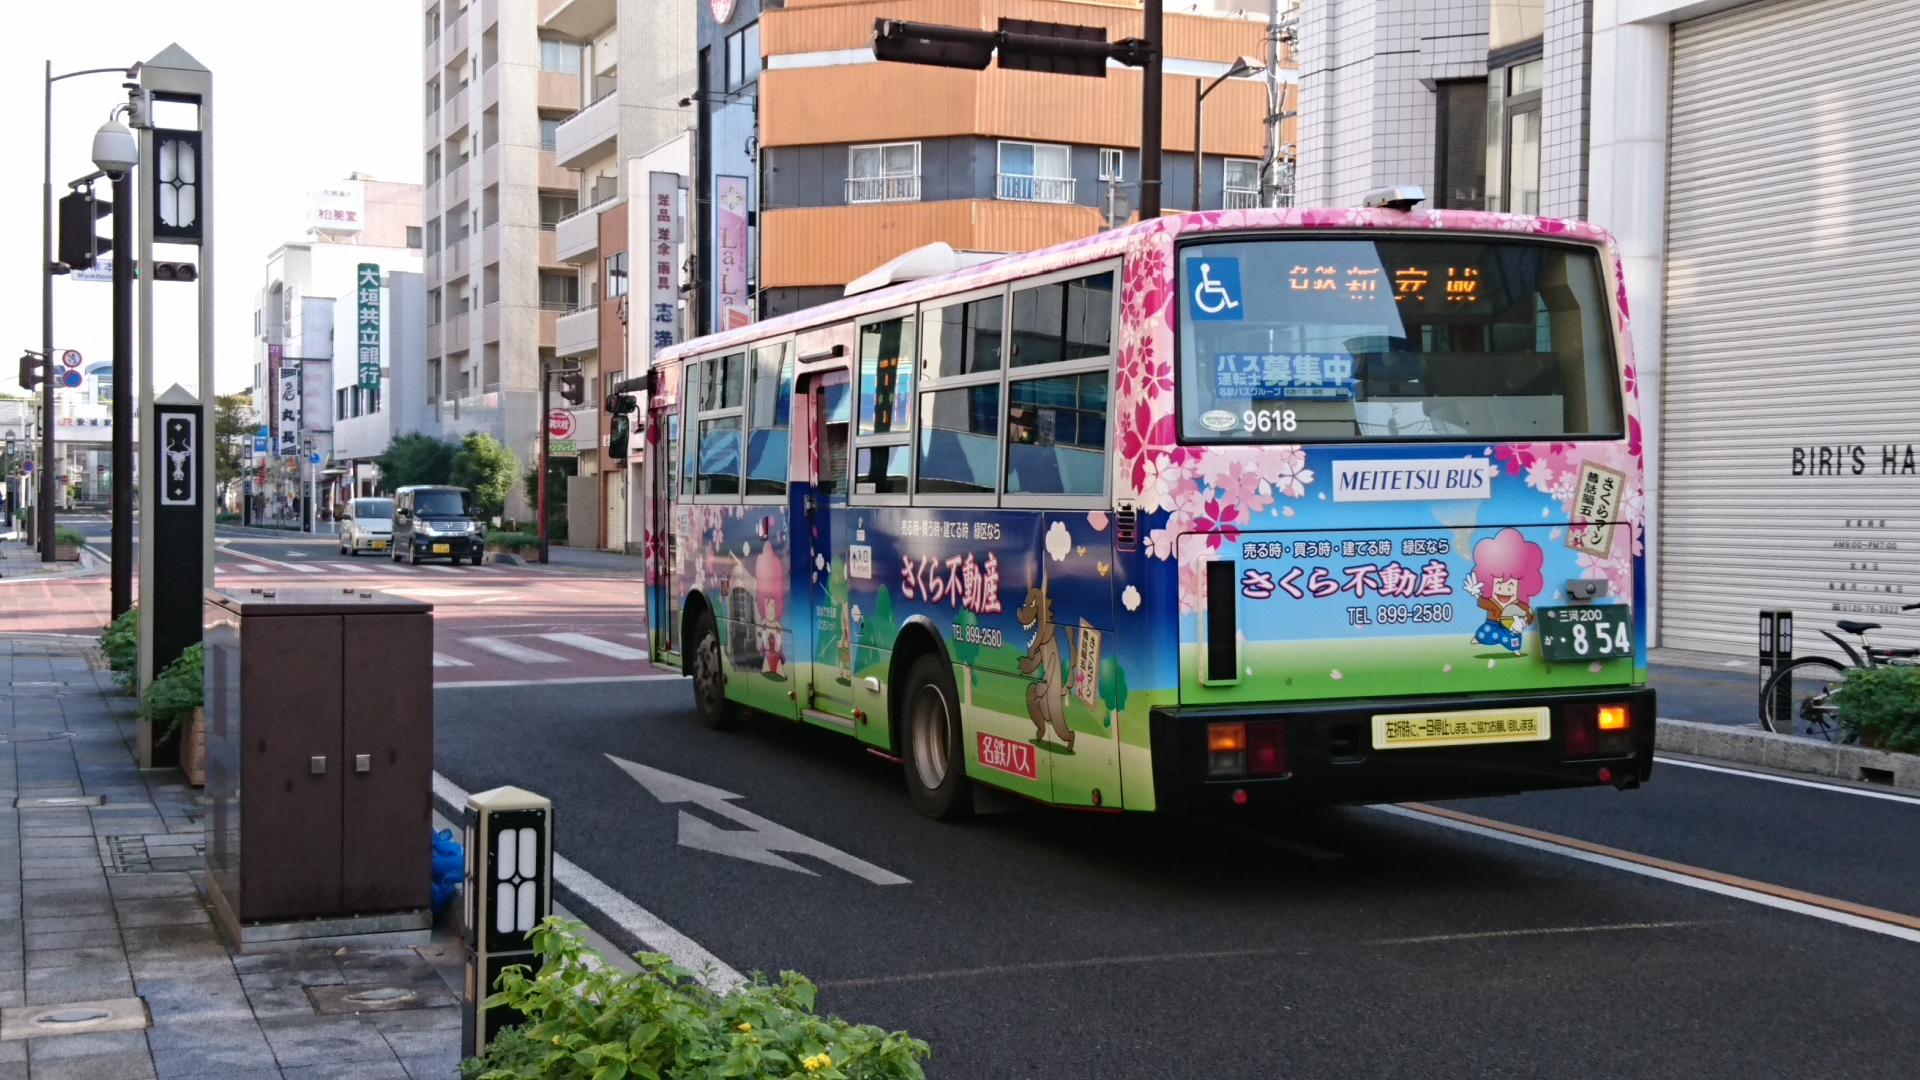 2016.10.26 あさ (6) あんじょうえきまえどおり - 名鉄バス 1920-1080